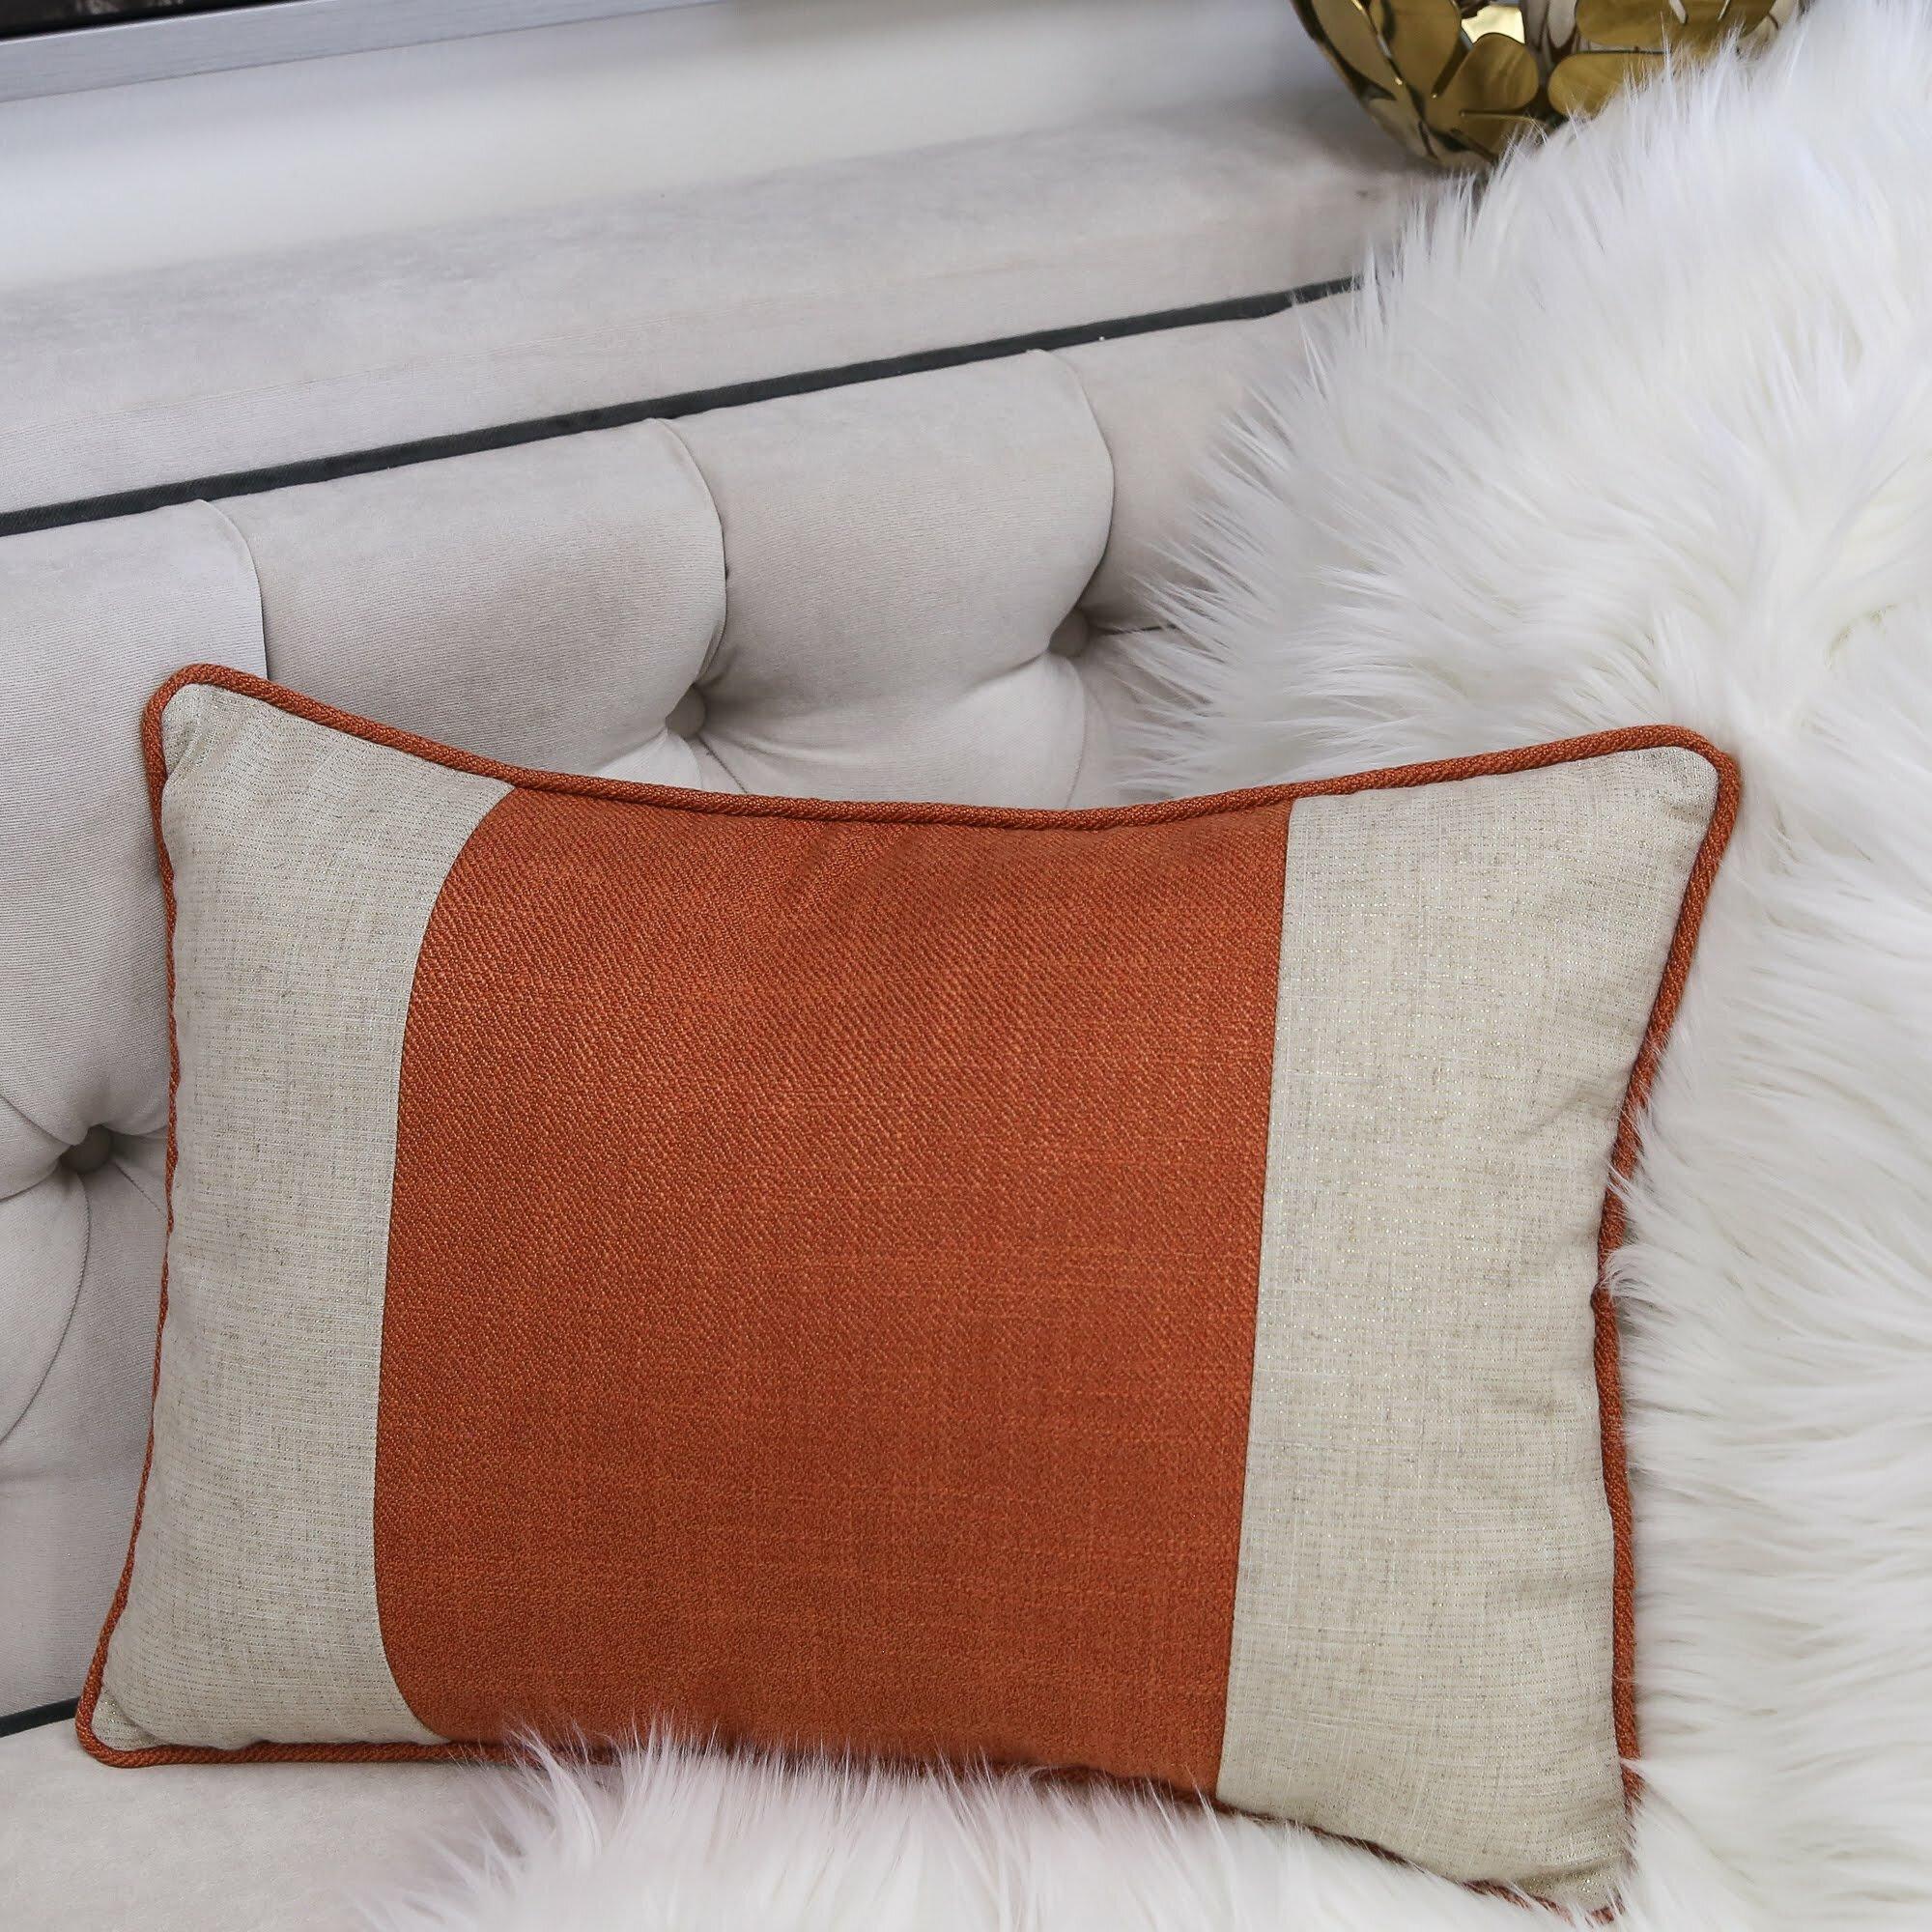 Beachcrest Home Maude Rectangular Linen Feathers Lumbar Pillow Reviews Wayfair